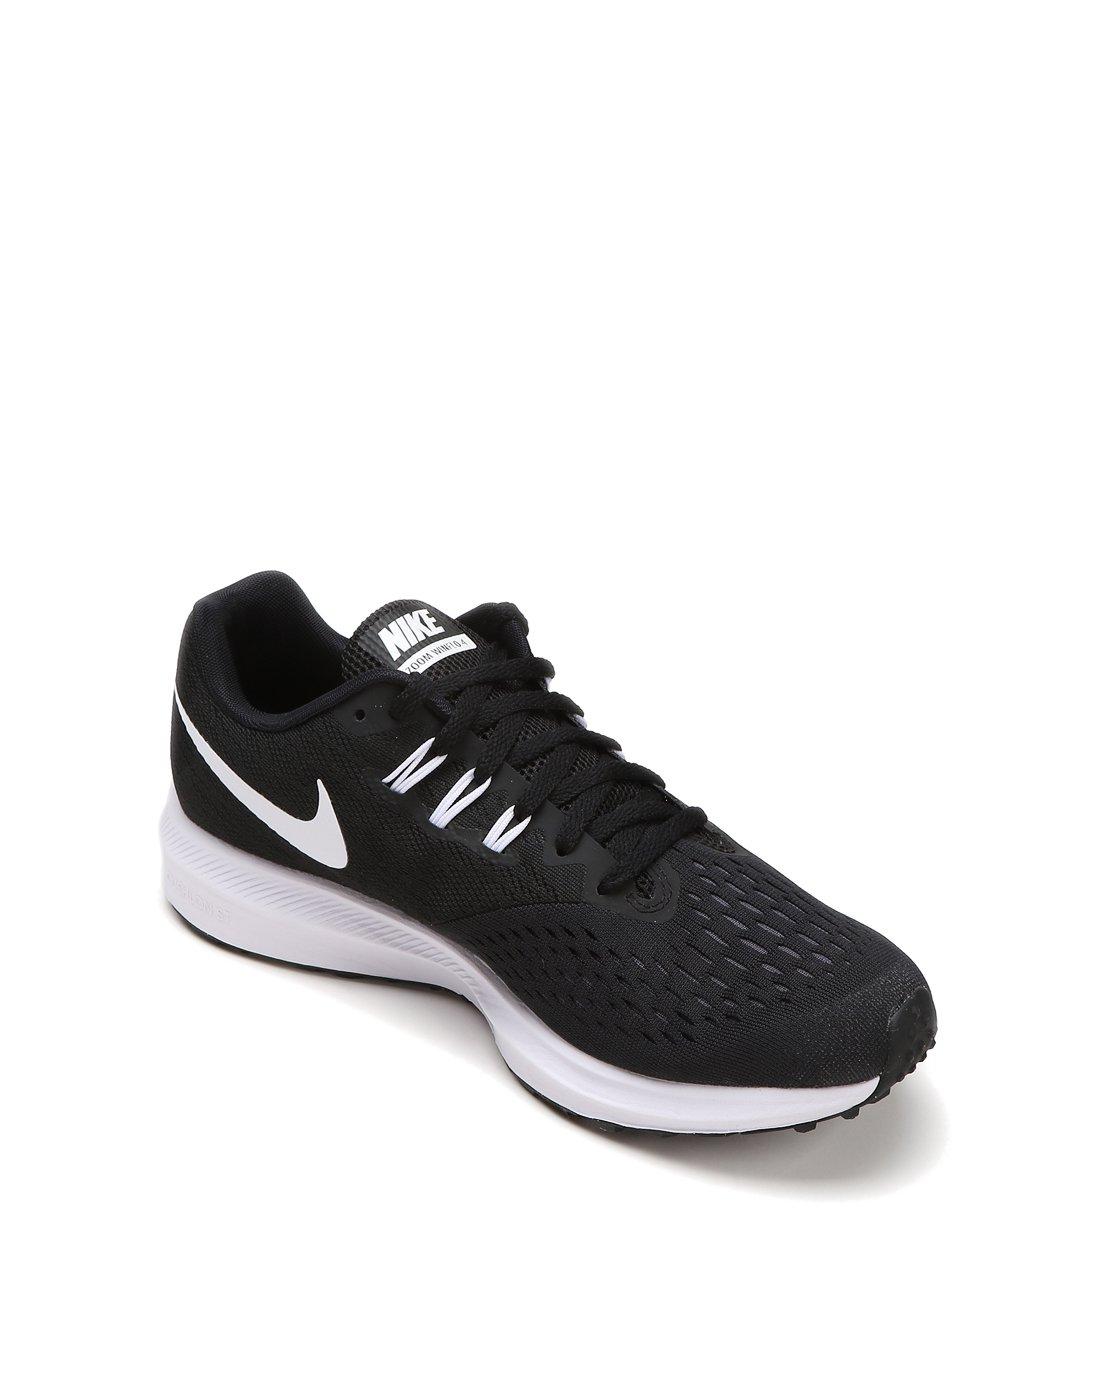 耐克透气抓地男款跑步鞋Air Zoom Winflo 4898466-001 唯品会 8fe28be68